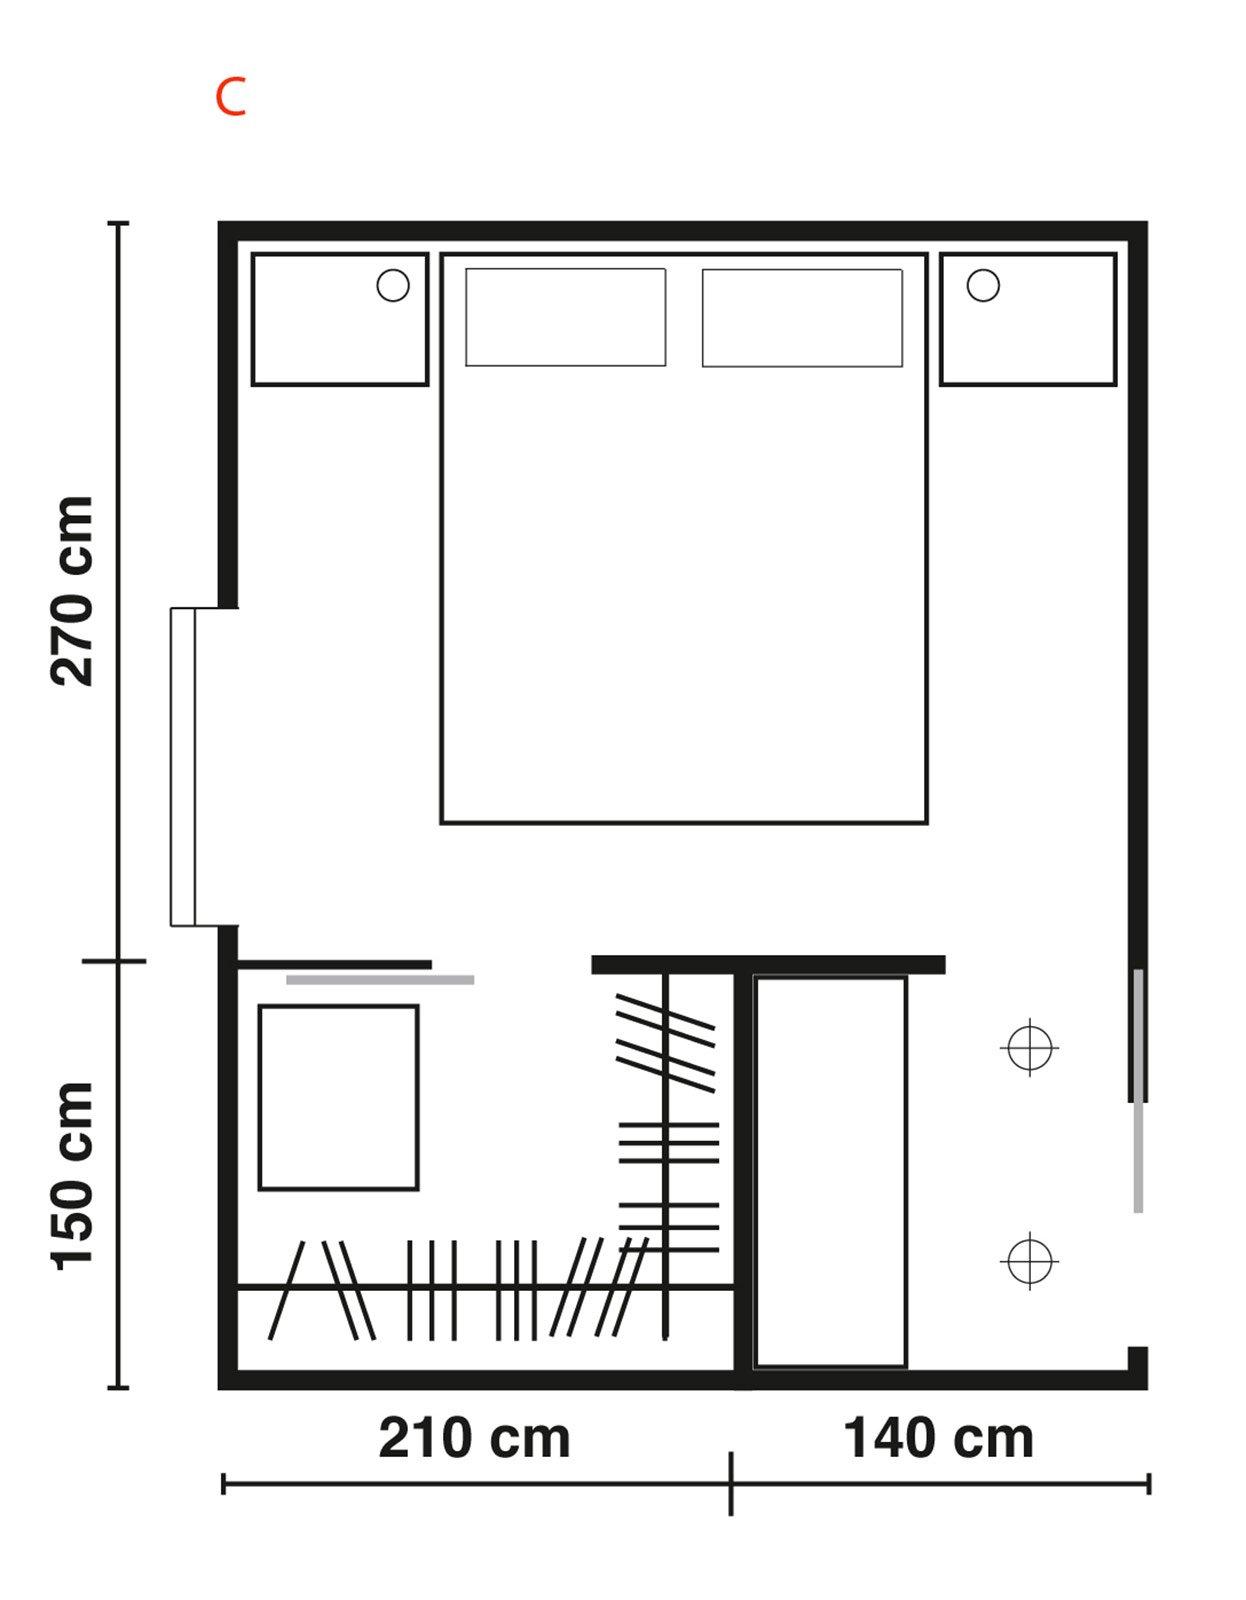 Cabine armadio progettiamo insieme lo spazio cose di casa - Camera da letto con cabina armadio ad angolo ...